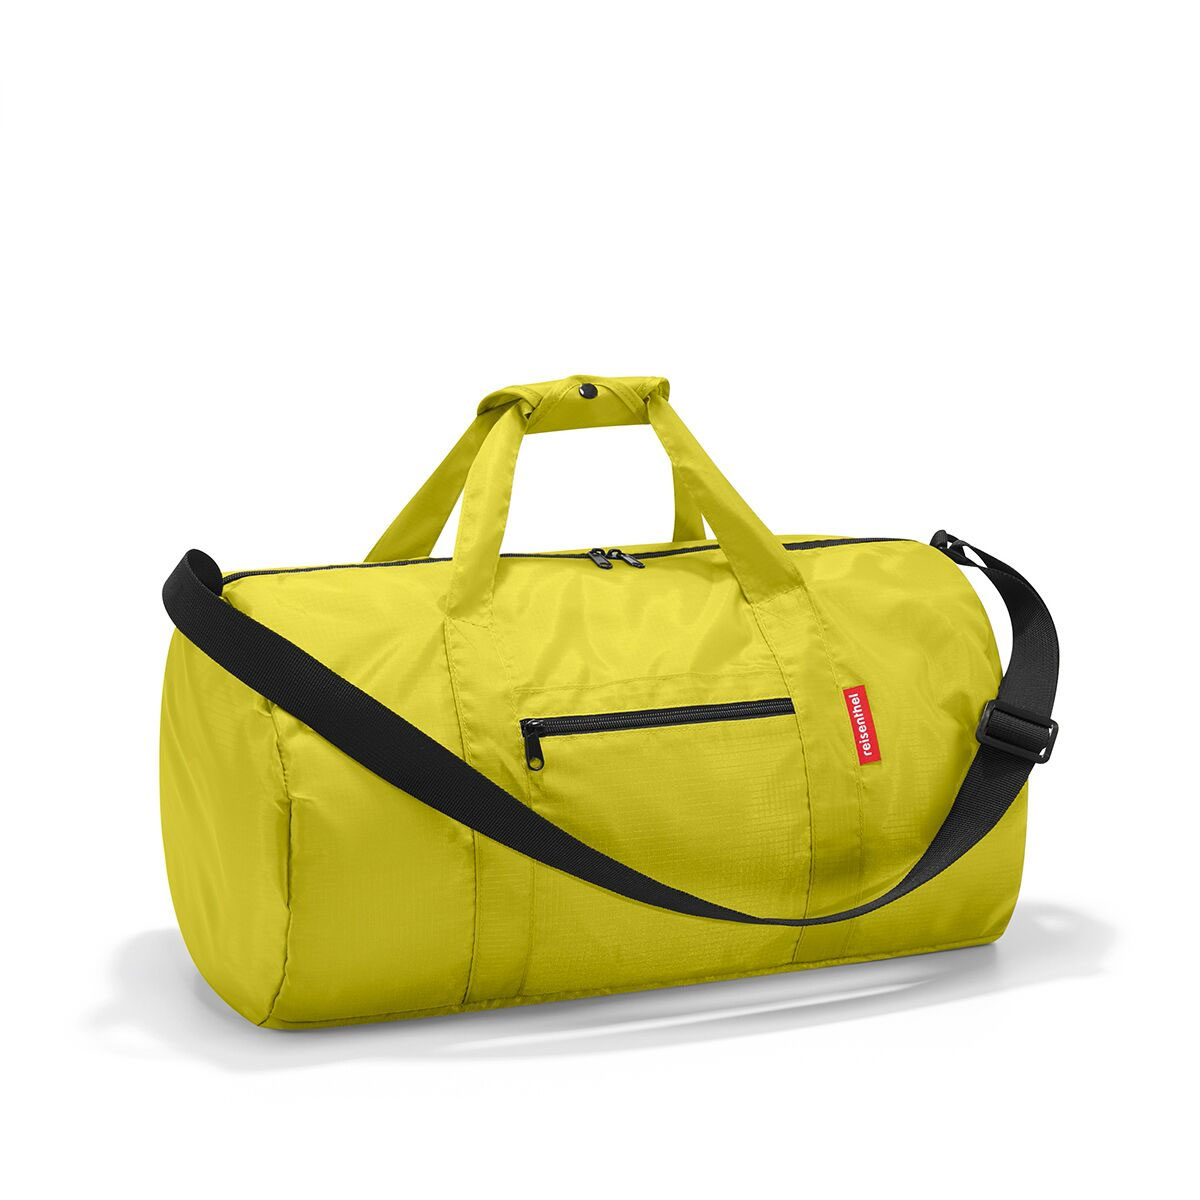 Сумка спортивная женская Reisenthel, цвет: зеленый. AM500110931-1Универсальная сумка-трансформер серии Mini Maxi, предназначенная для путешествий и спорта. Подходит для хранения, компактно складывается в собственный внутренний карман. У модели вместительное основное отделение на молнии, экономит место при хранении и перевозке в сложенном состоянии, регулируемый наплечный ремень, ручки для переноски, регулируемые при помощи специальных застежек, два внешних кармана на молнии, материал: высококачественный водостойкий полиэстер, объем – 20 литров.